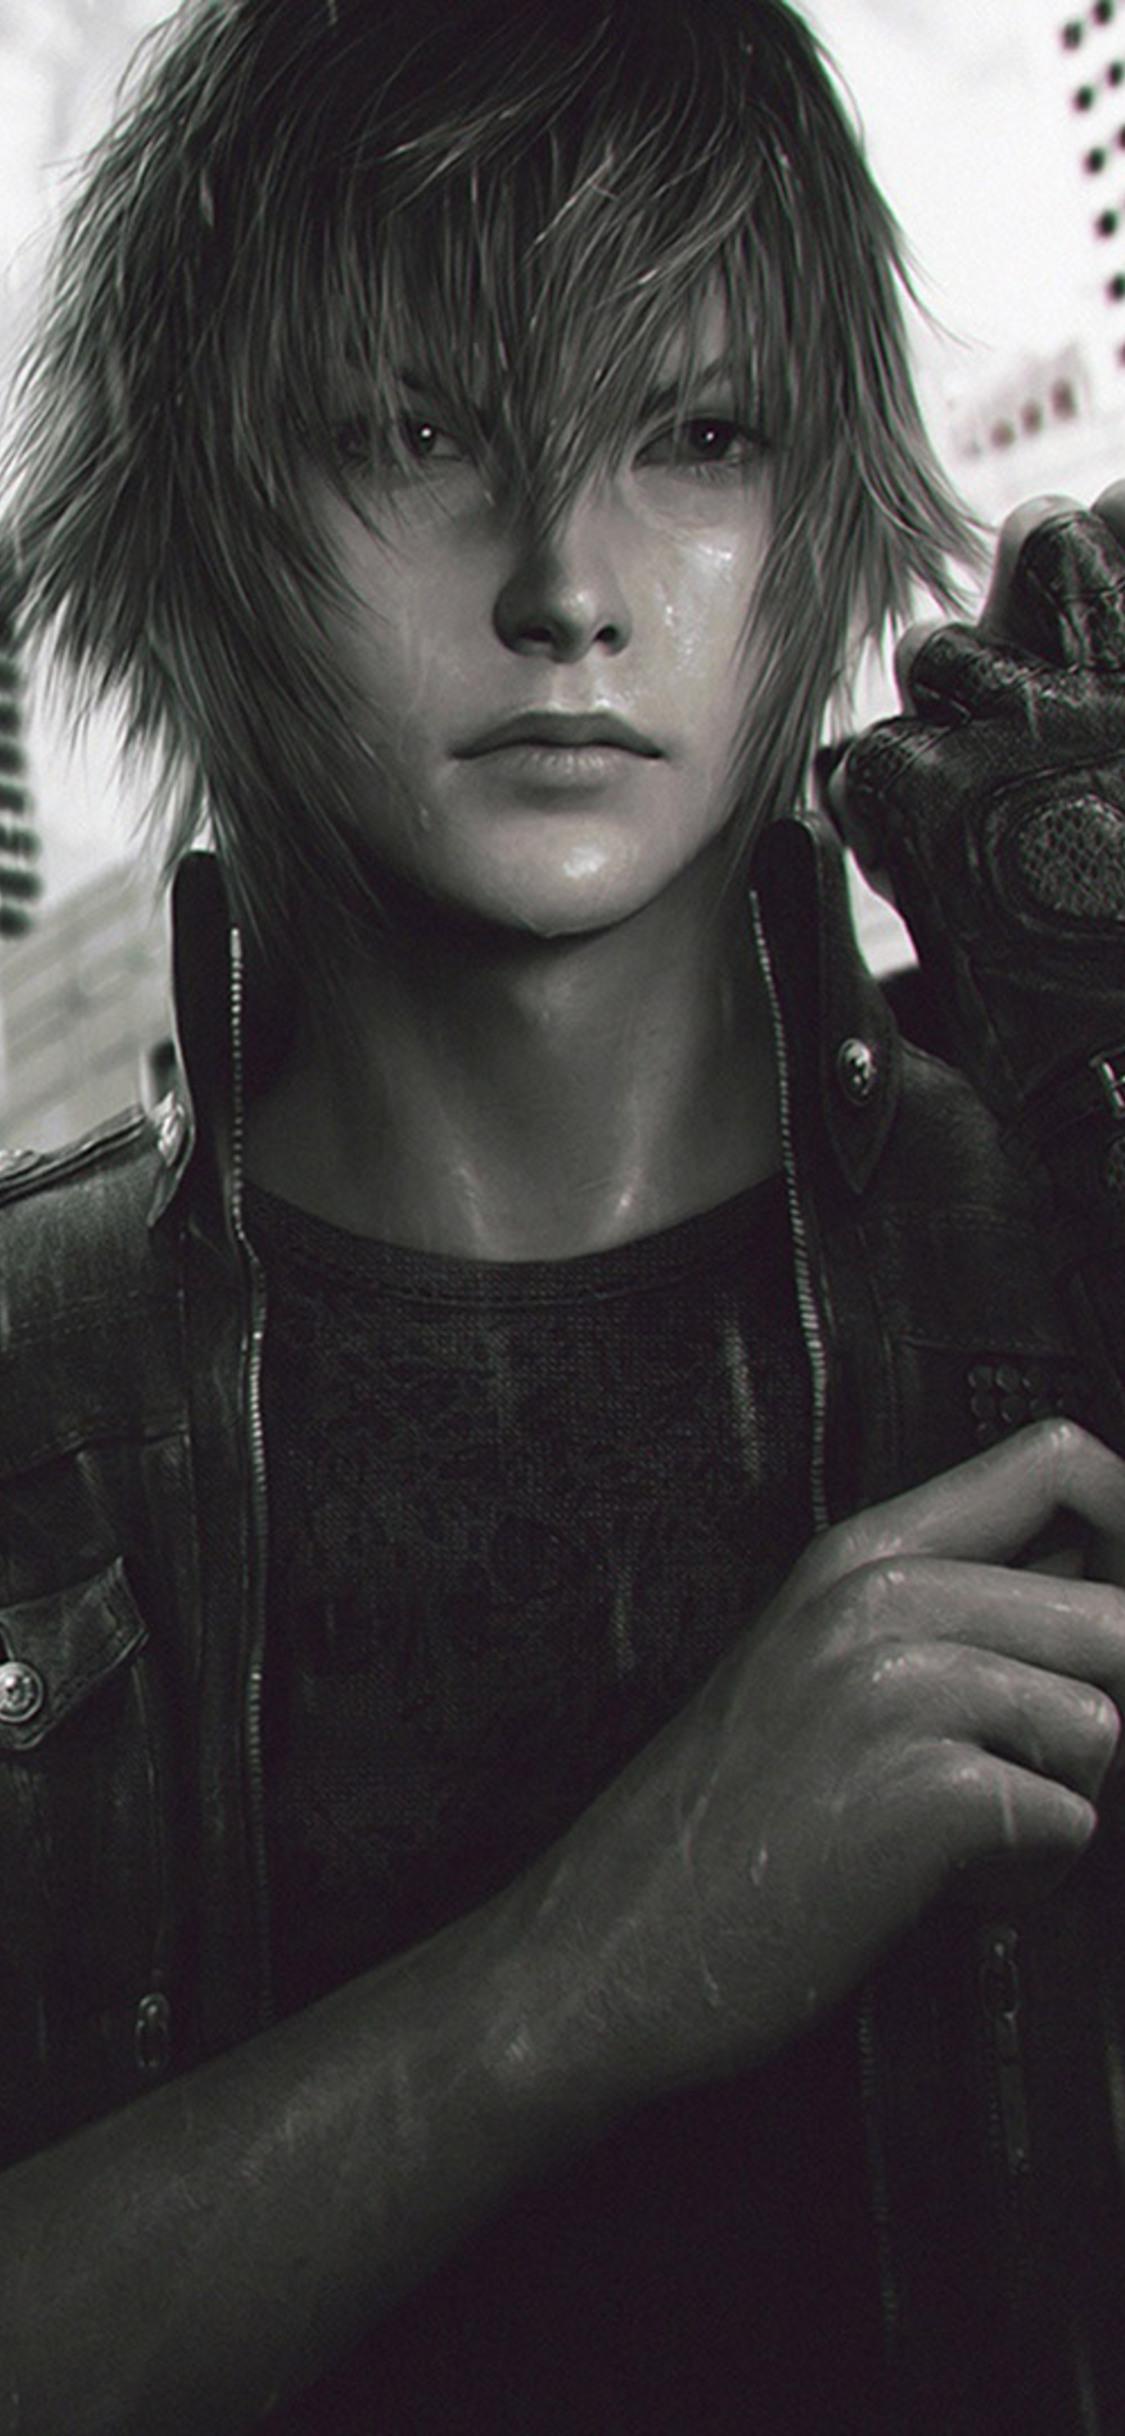 1125x2436 Noctis Lucis Caelum Final Fantasy Xv Iphone Xs Iphone 10